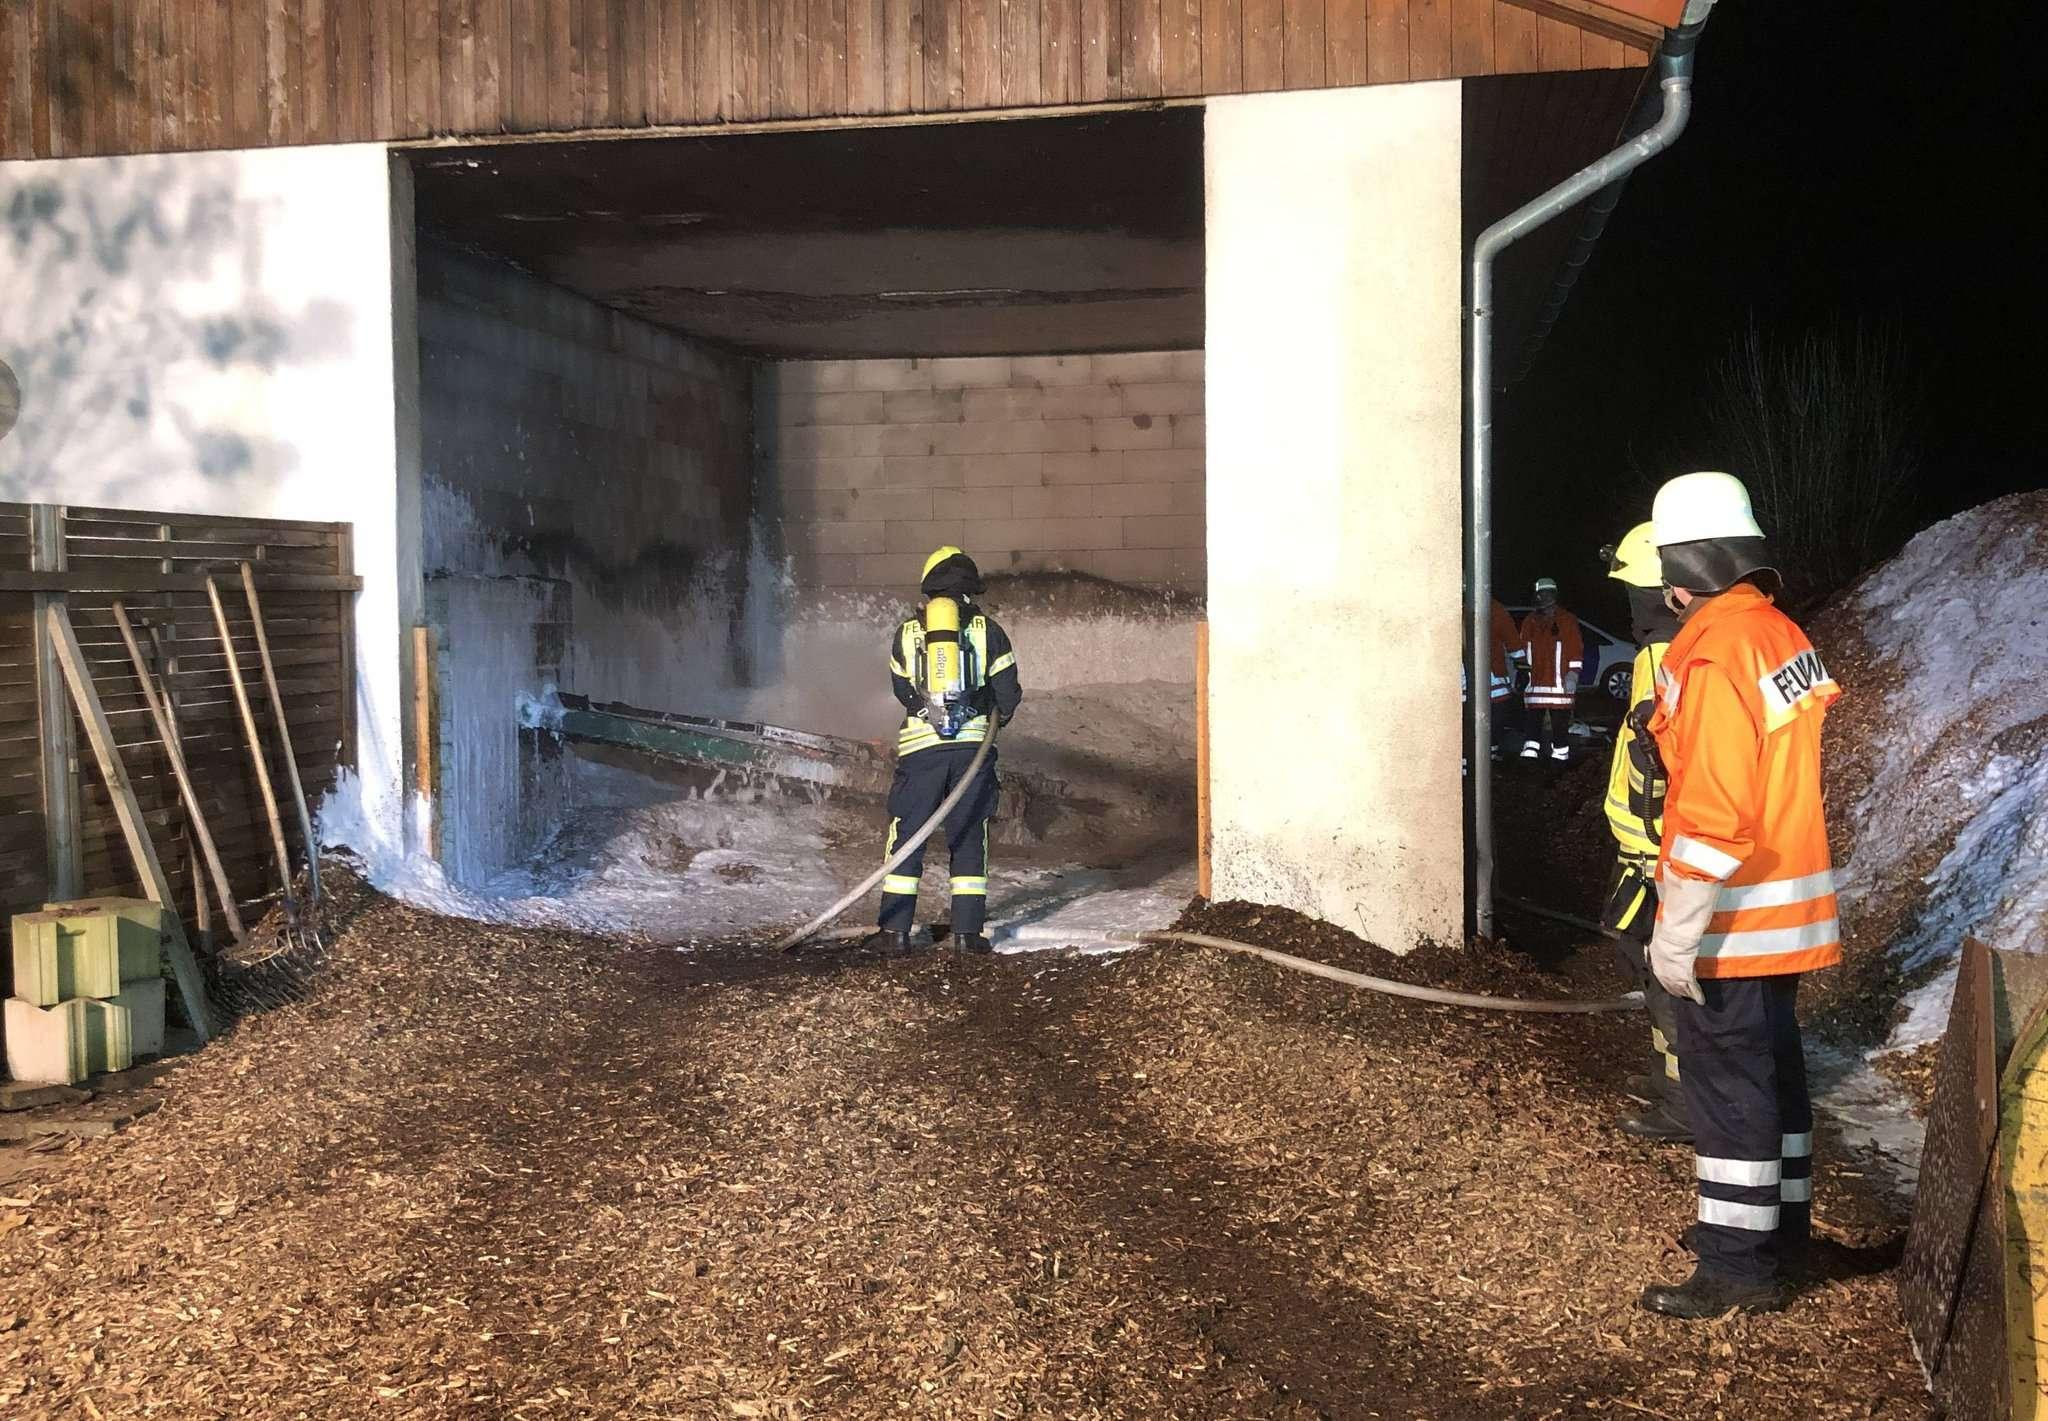 Der Feuerwehr gelang es, den Brand schnell unter Kontrolle zu bekommen.